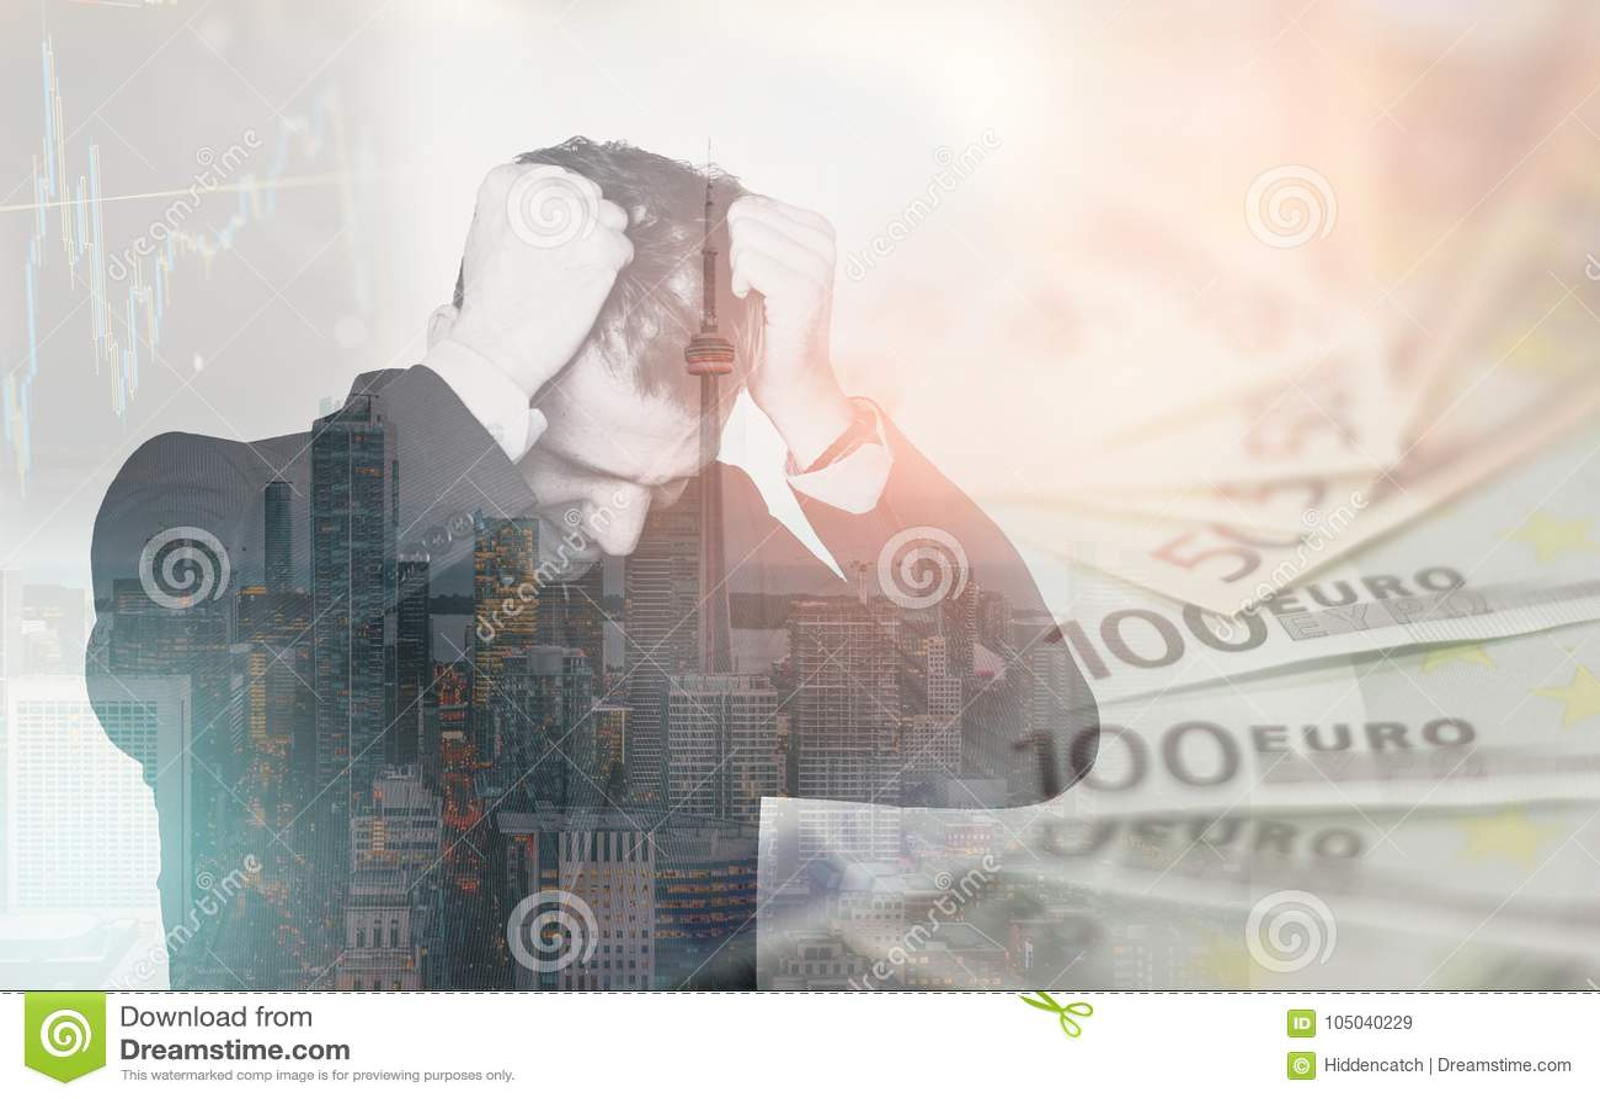 Dubbele blootstelling van de bedrijfsmens in spanning over financiële kwesties,